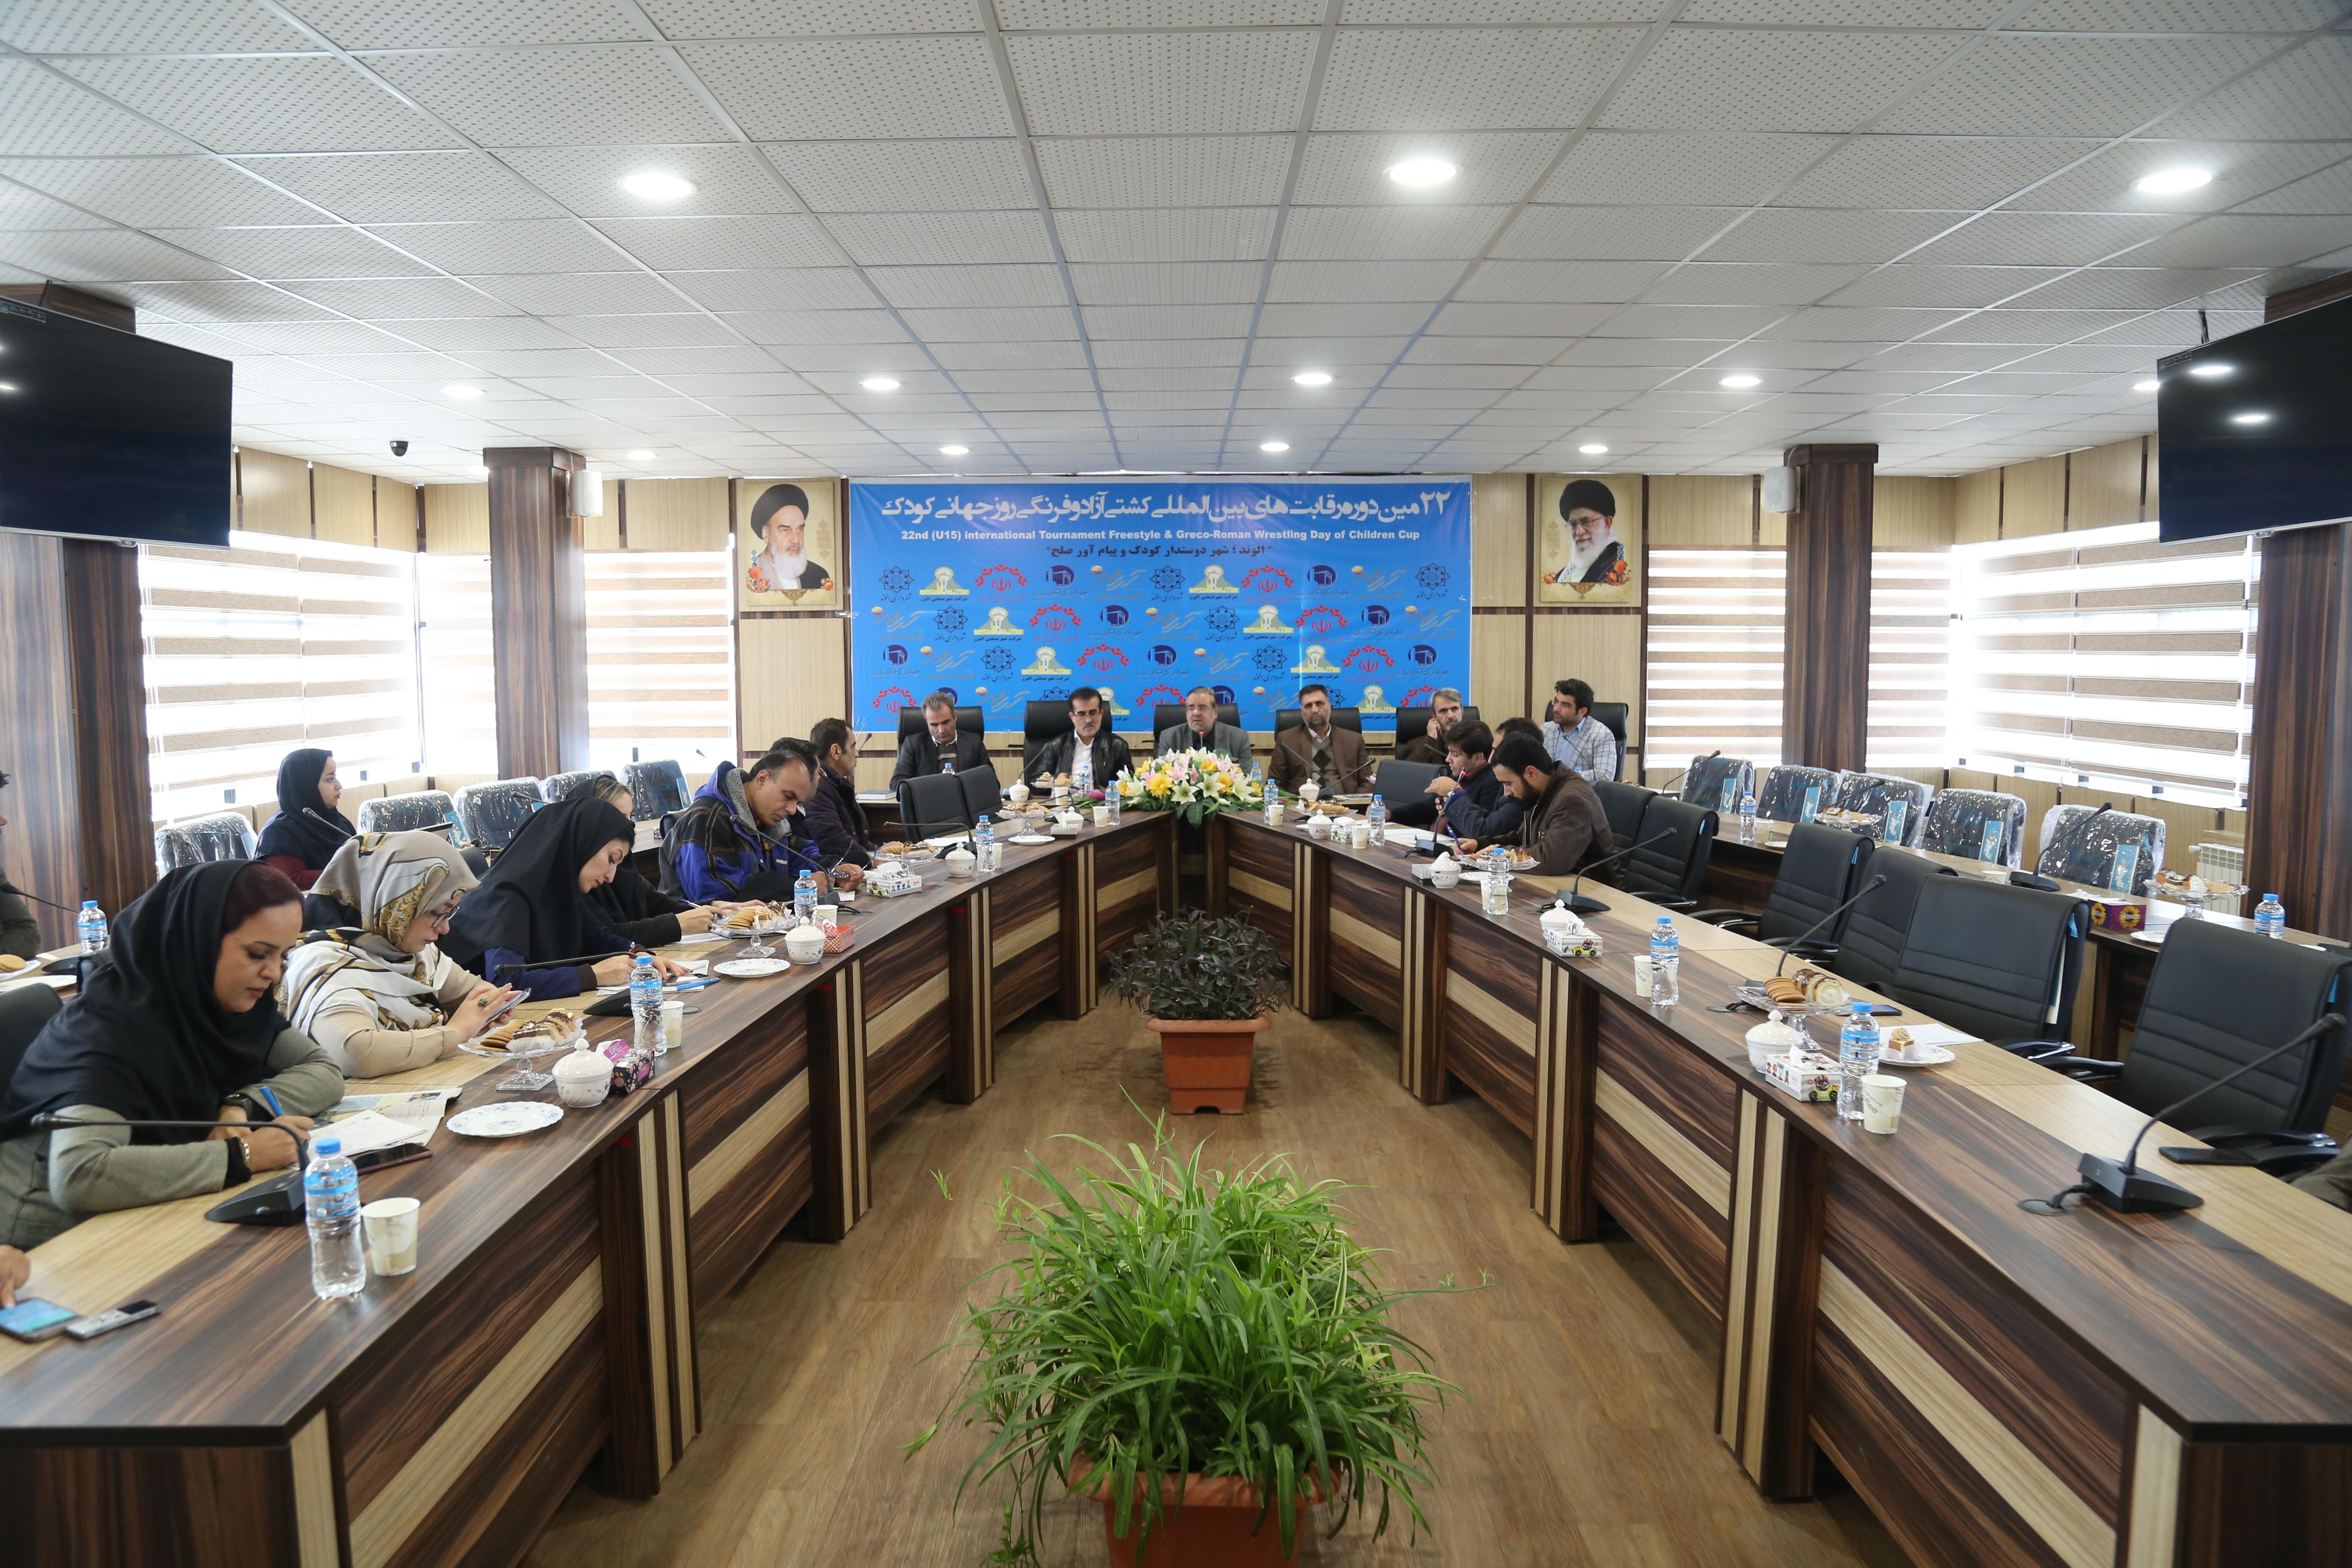 الوند میزبان برگزاری مسابقات بین المللی کشتی/ چهار کشور برای حضور در این مسابقات اعلام آمادگی کردند